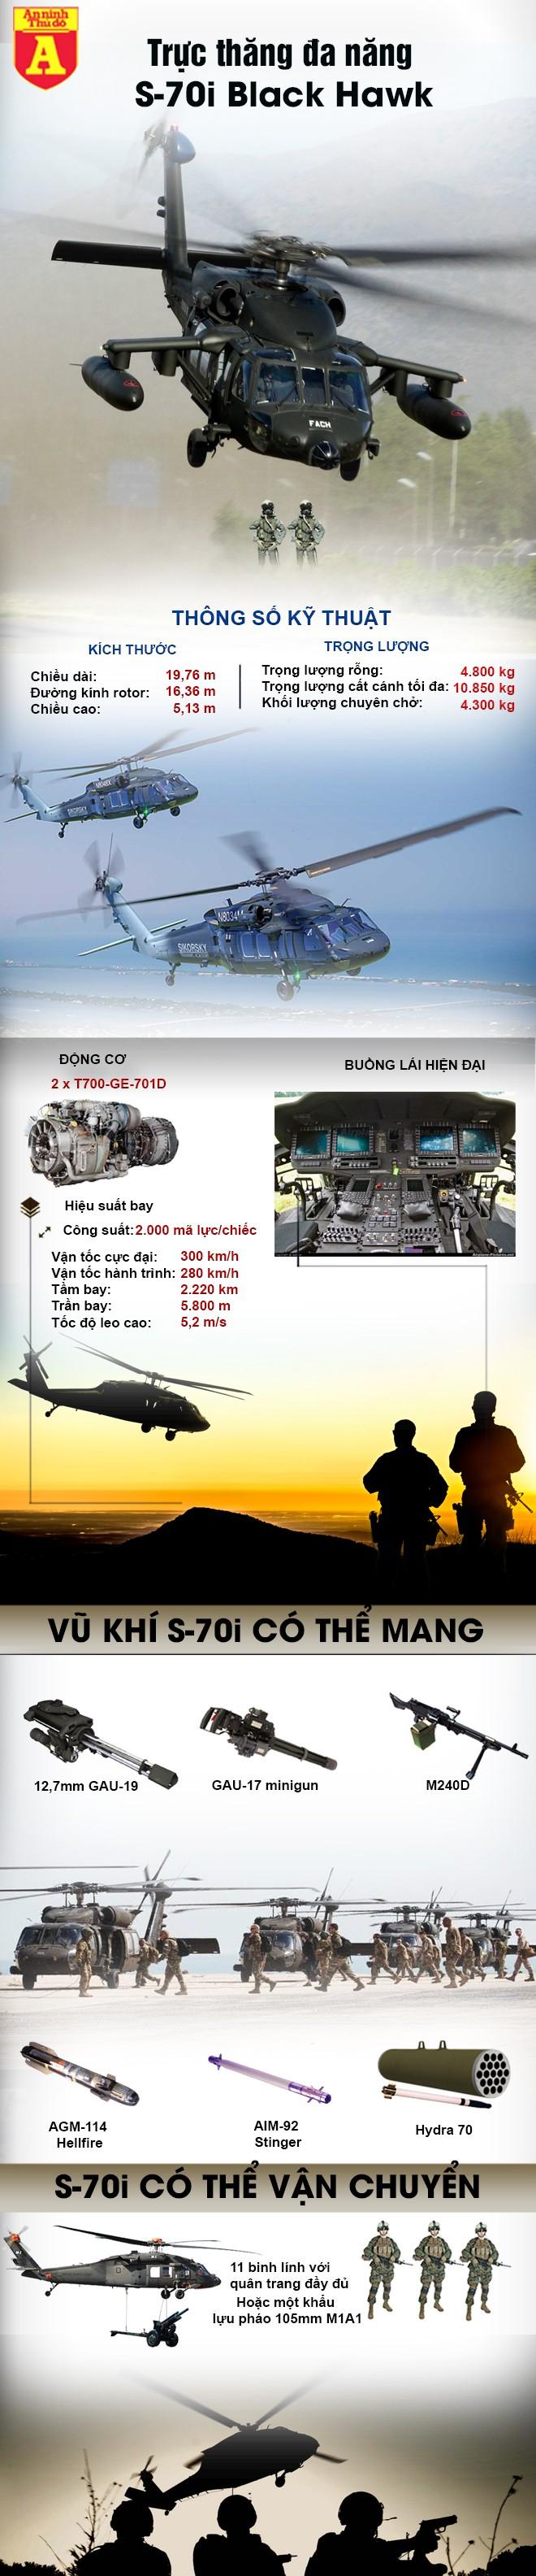 [Info] Philippines bất ngờ nhận loạt trực thăng 'diều hâu đen' từ Mỹ ảnh 2